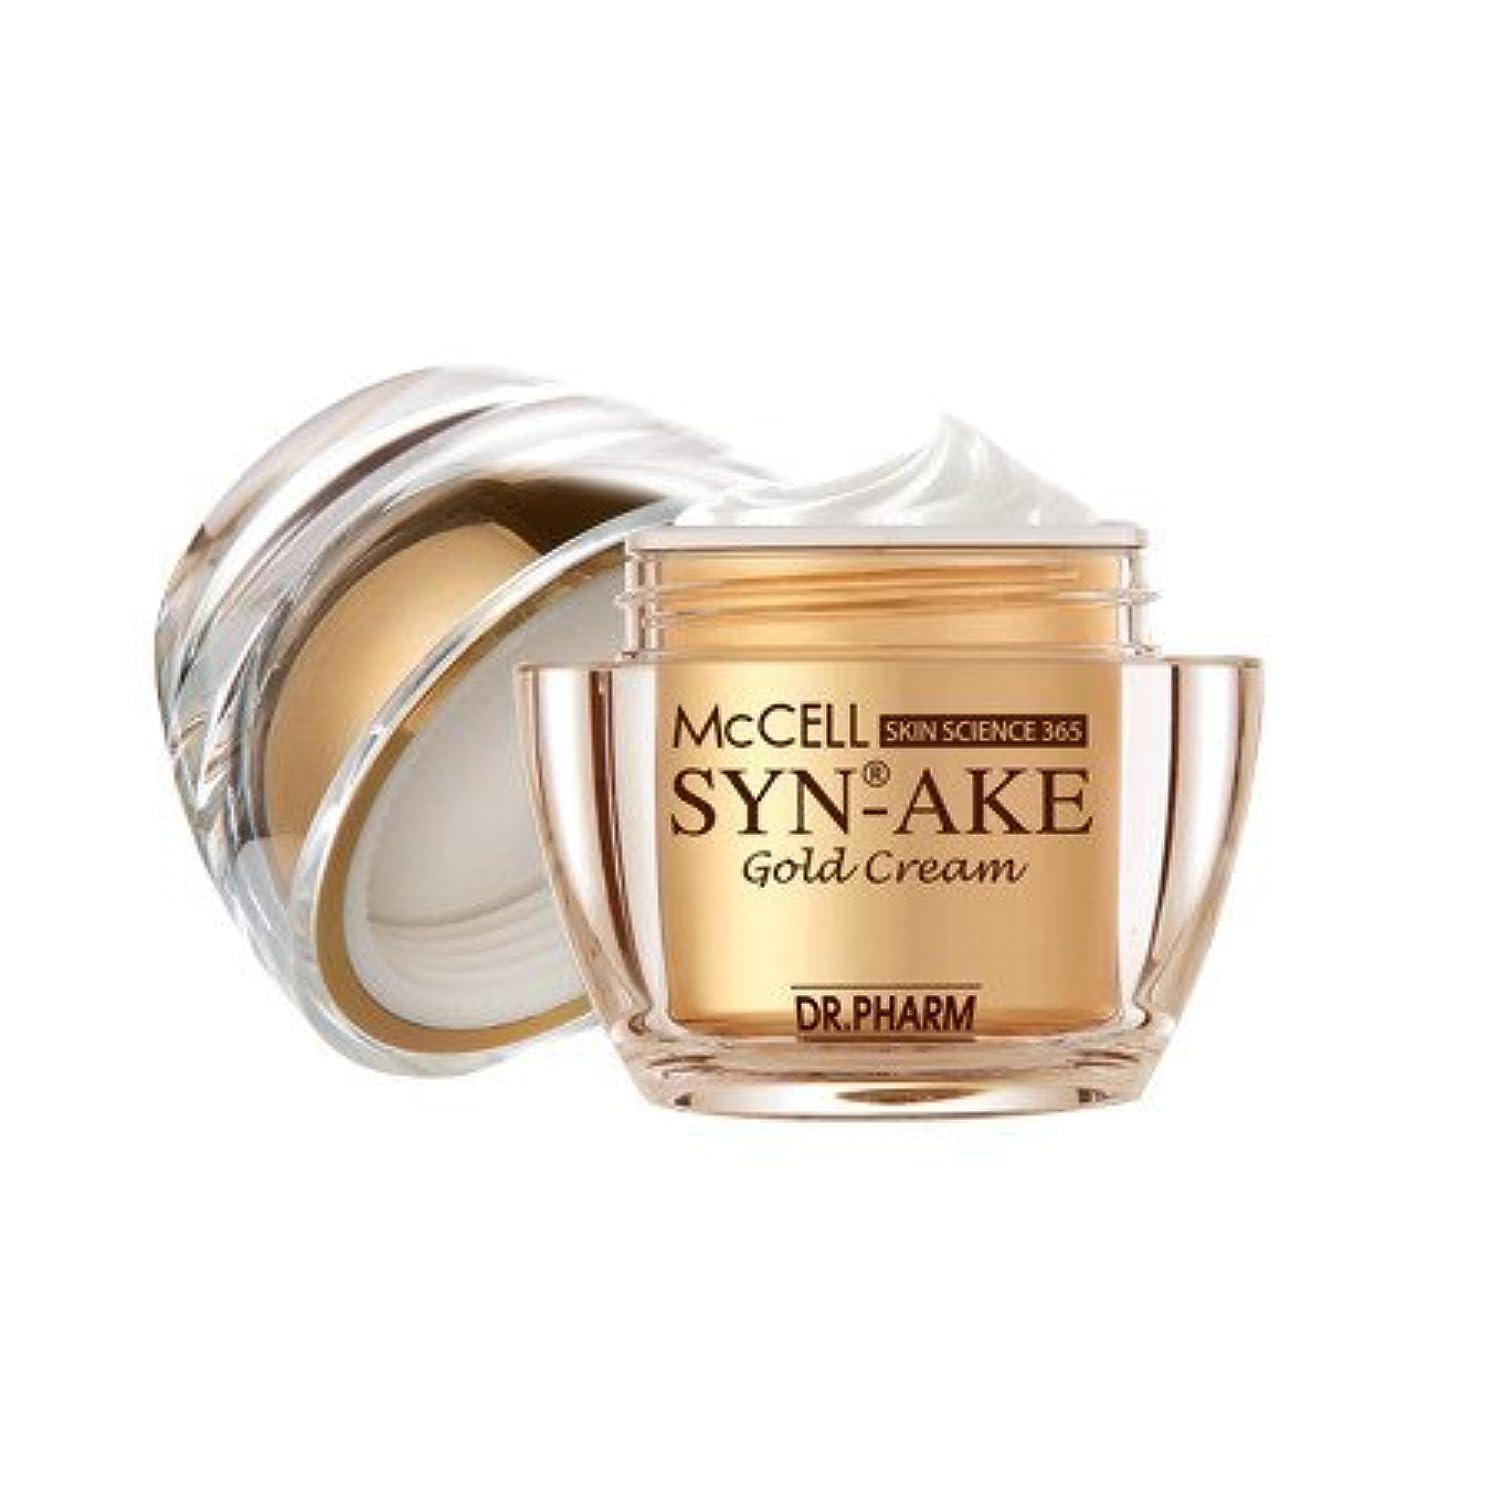 クライマックス常に貨物Dr.Pharm マクセルスキンサイエンス365シネイクゴールドクリーム McCELL Synake gold cream